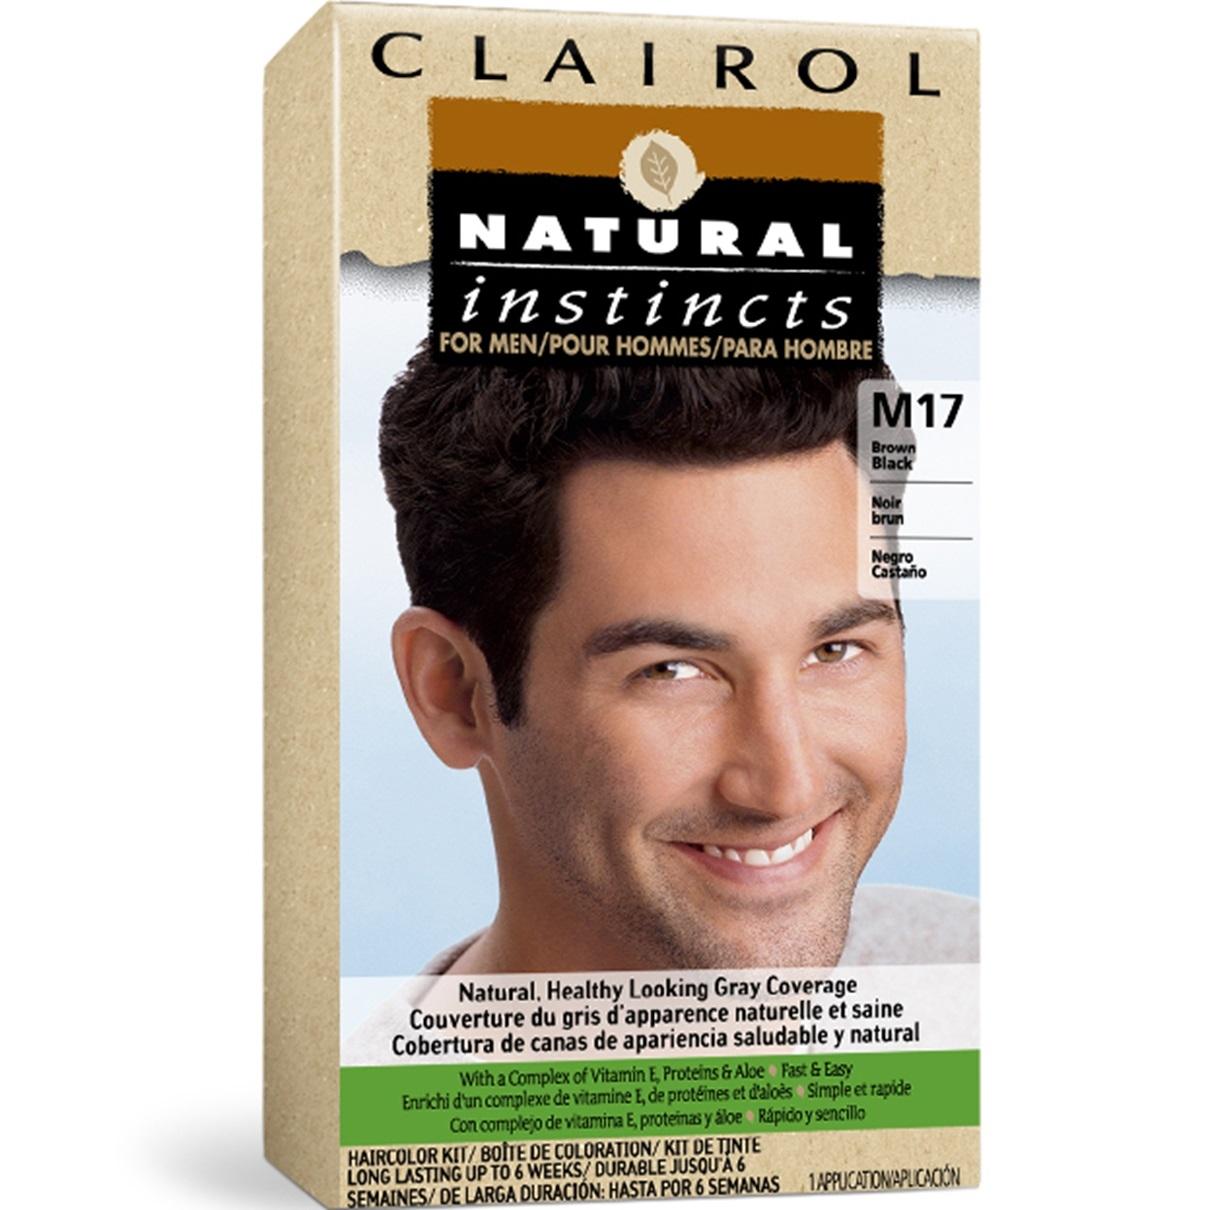 Black Hair Color for Men | Clairol Natural Instincts